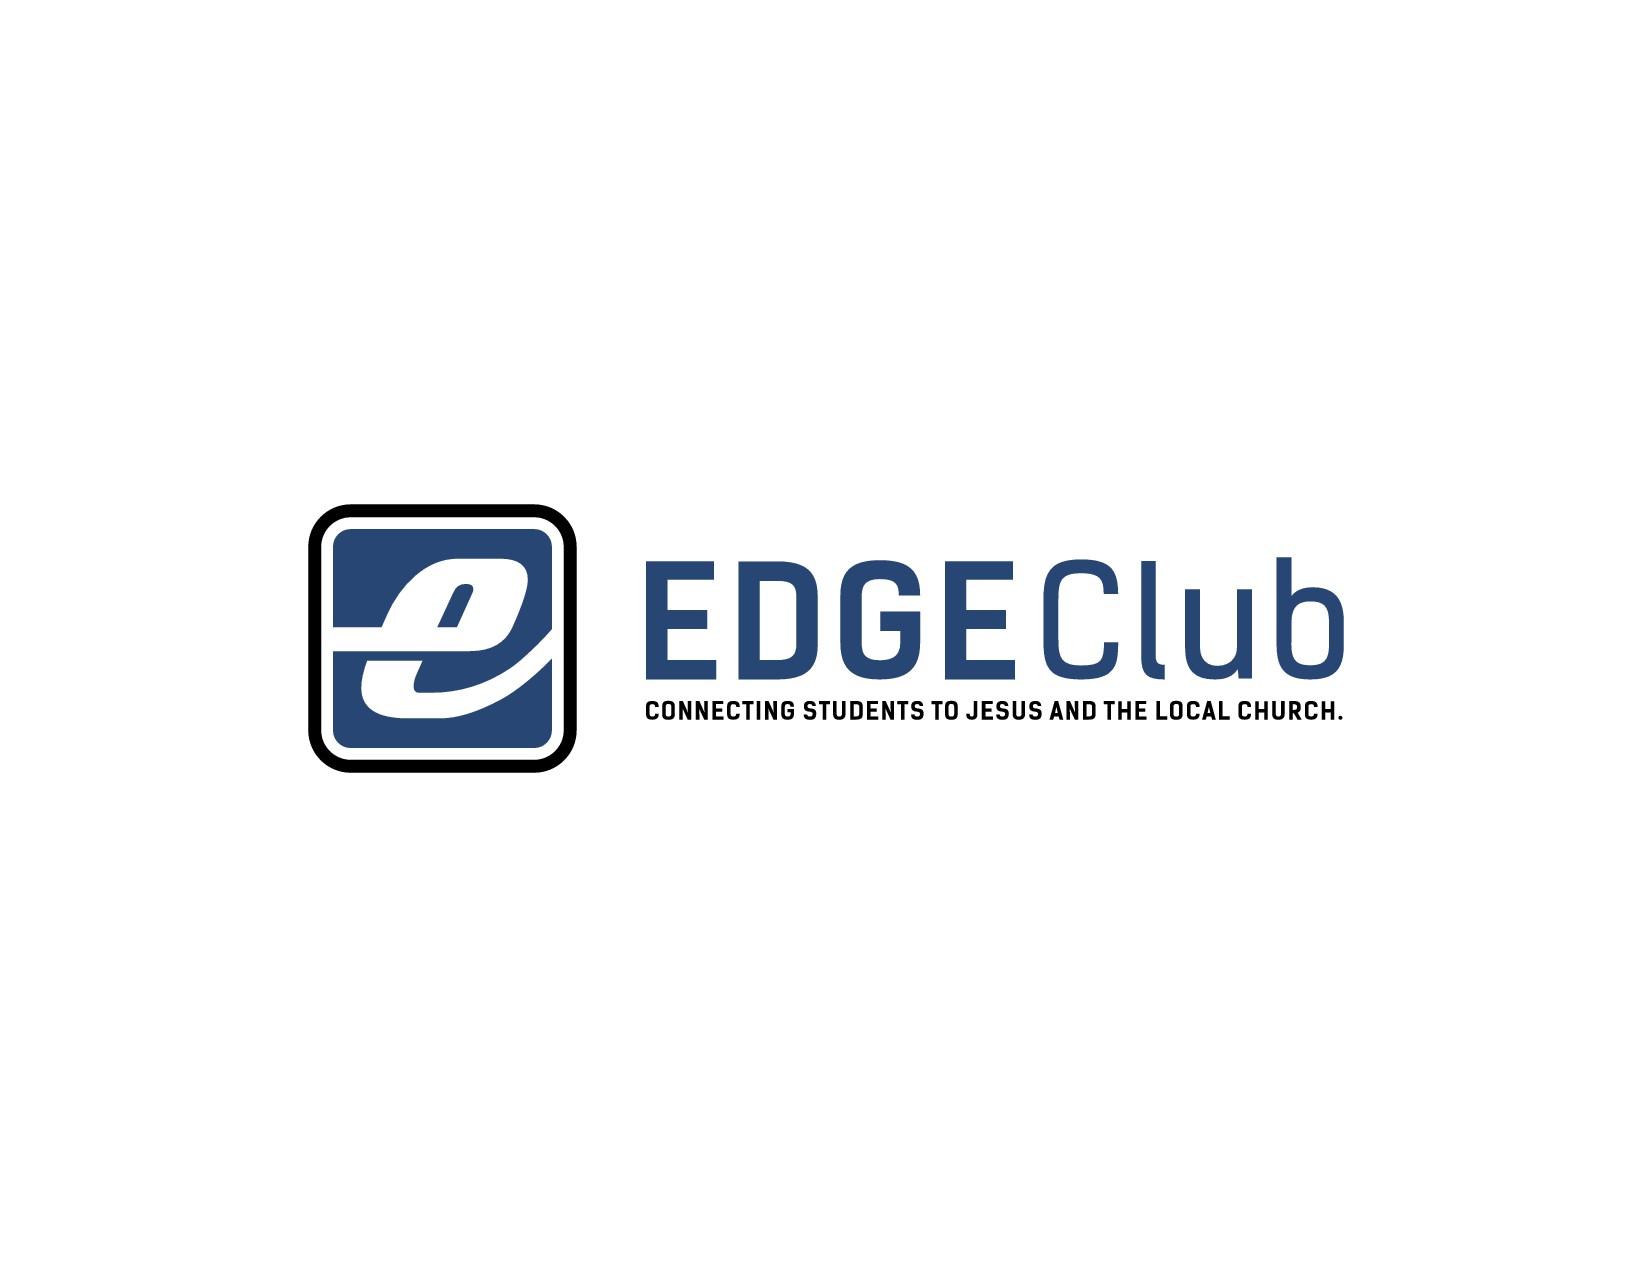 EDGE Club Rebranding